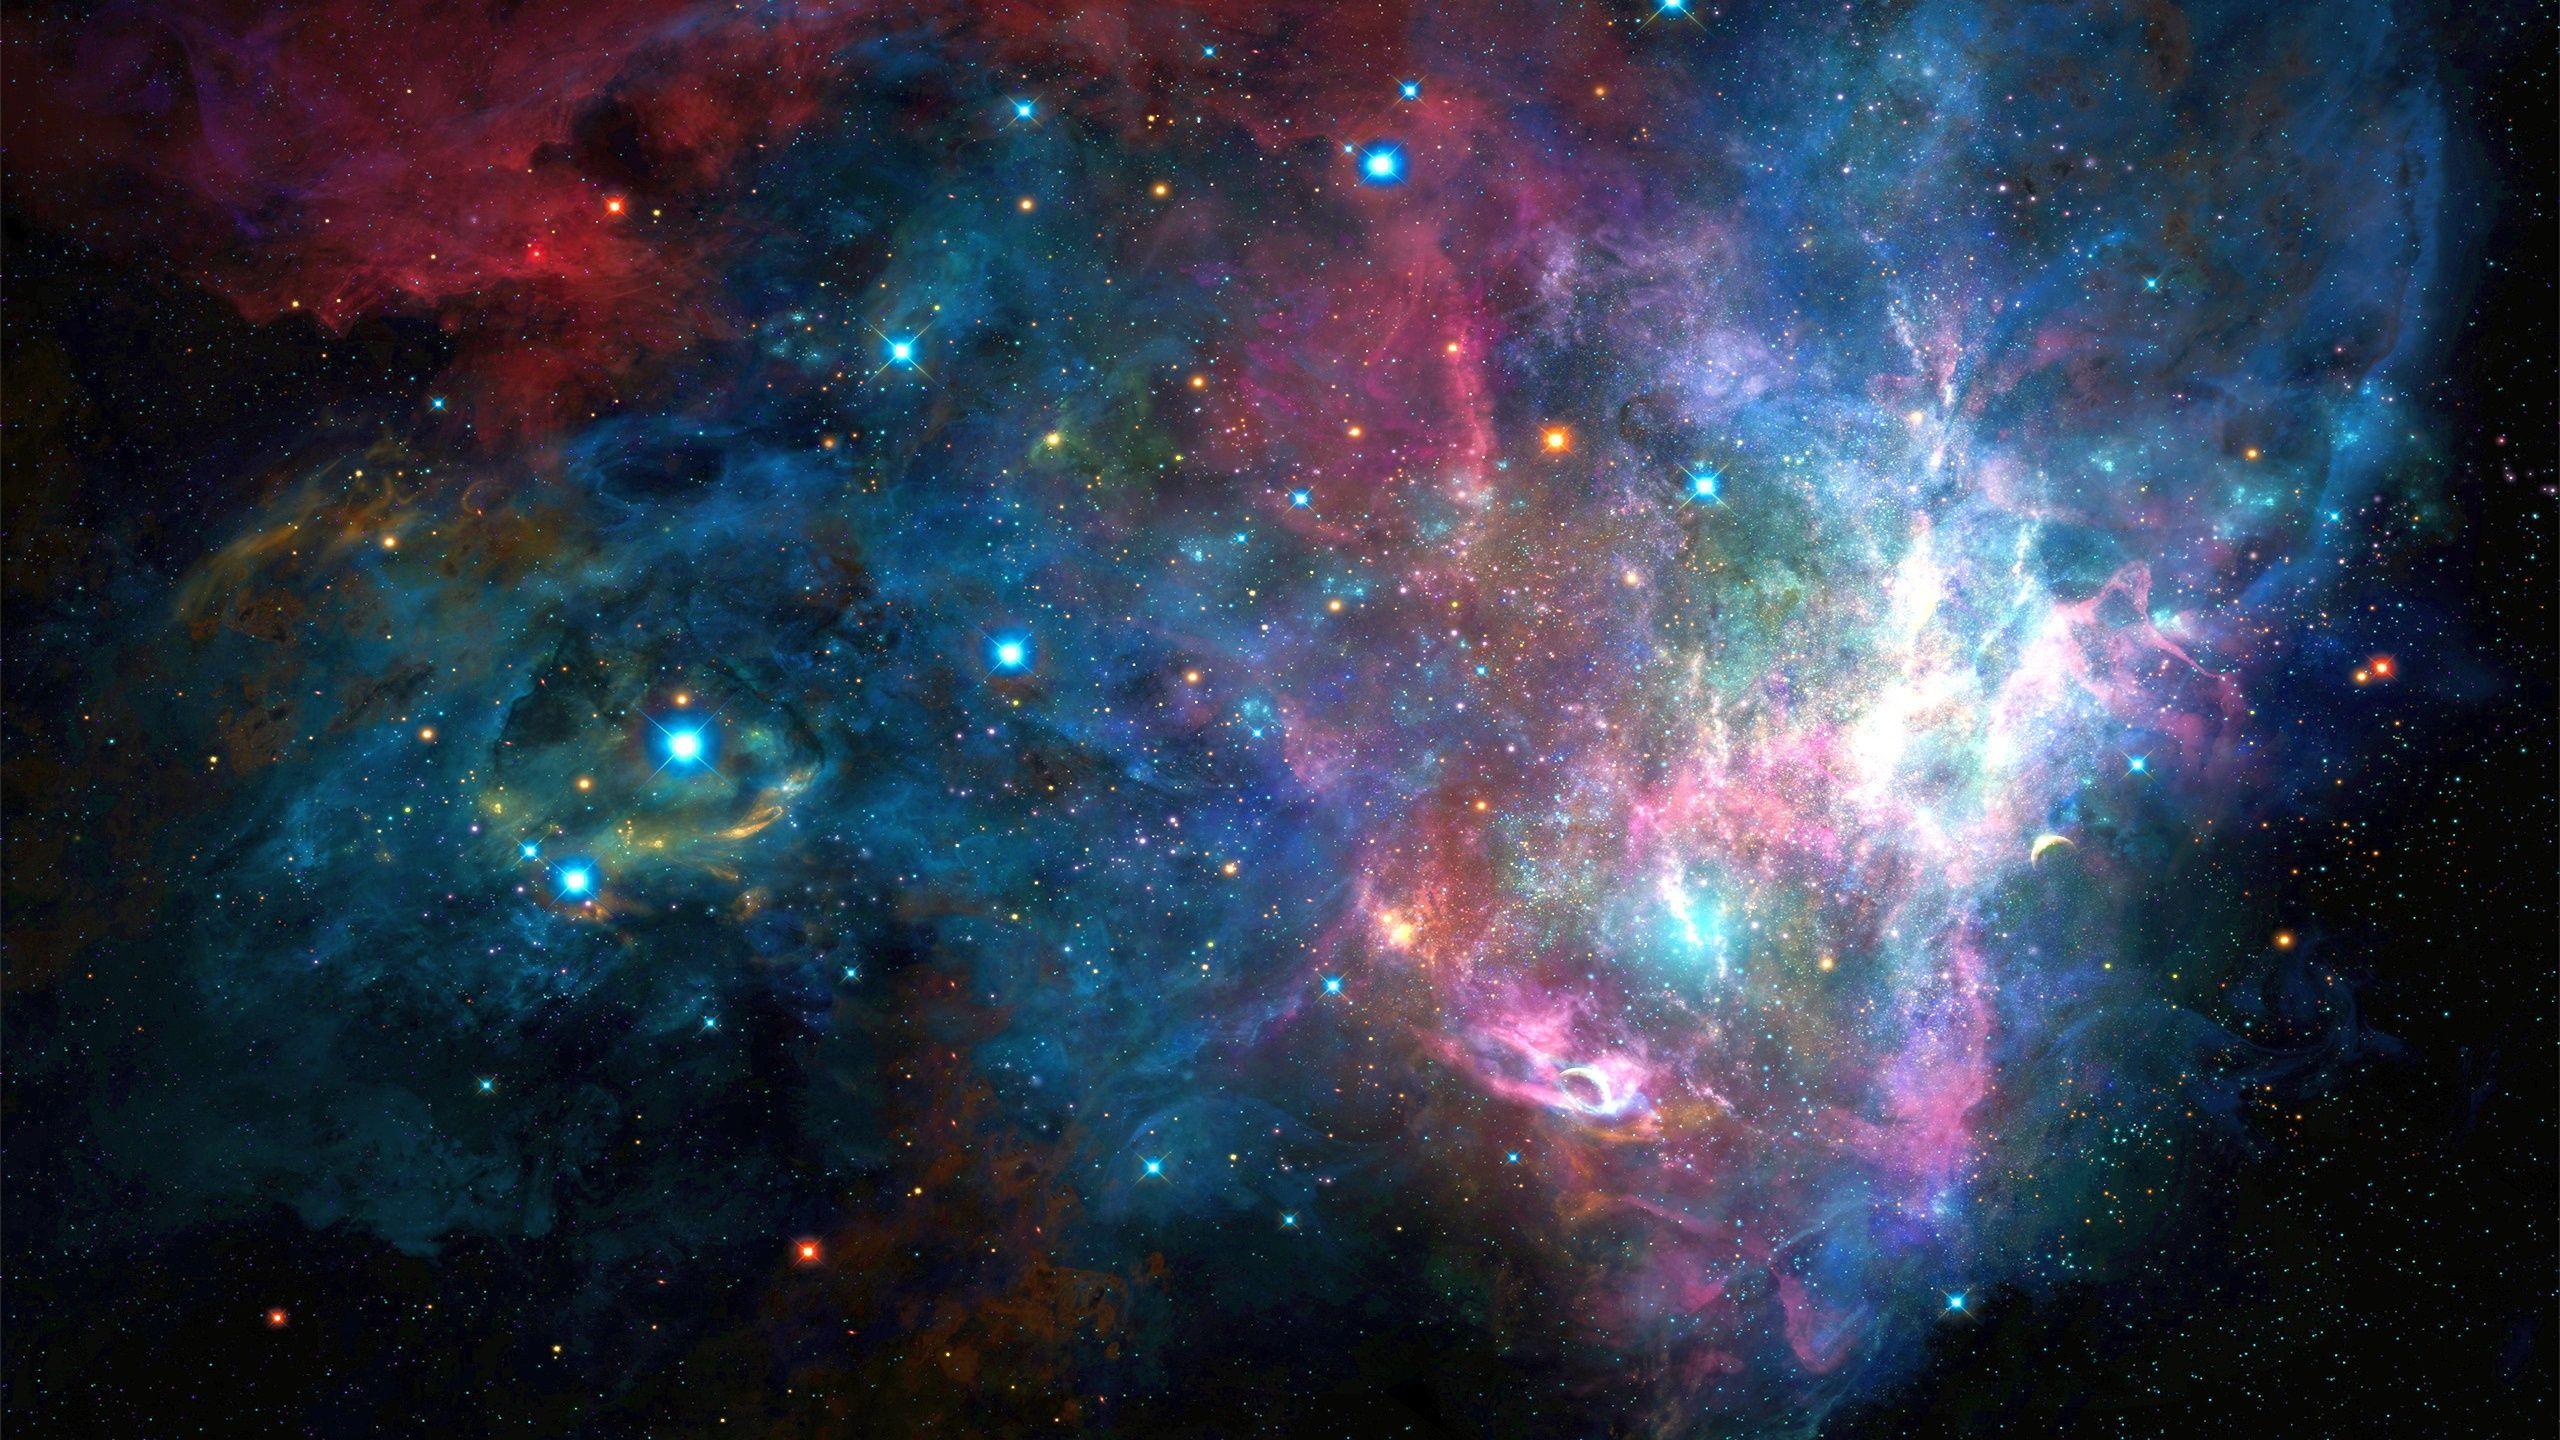 space wallpaper print - photo #46